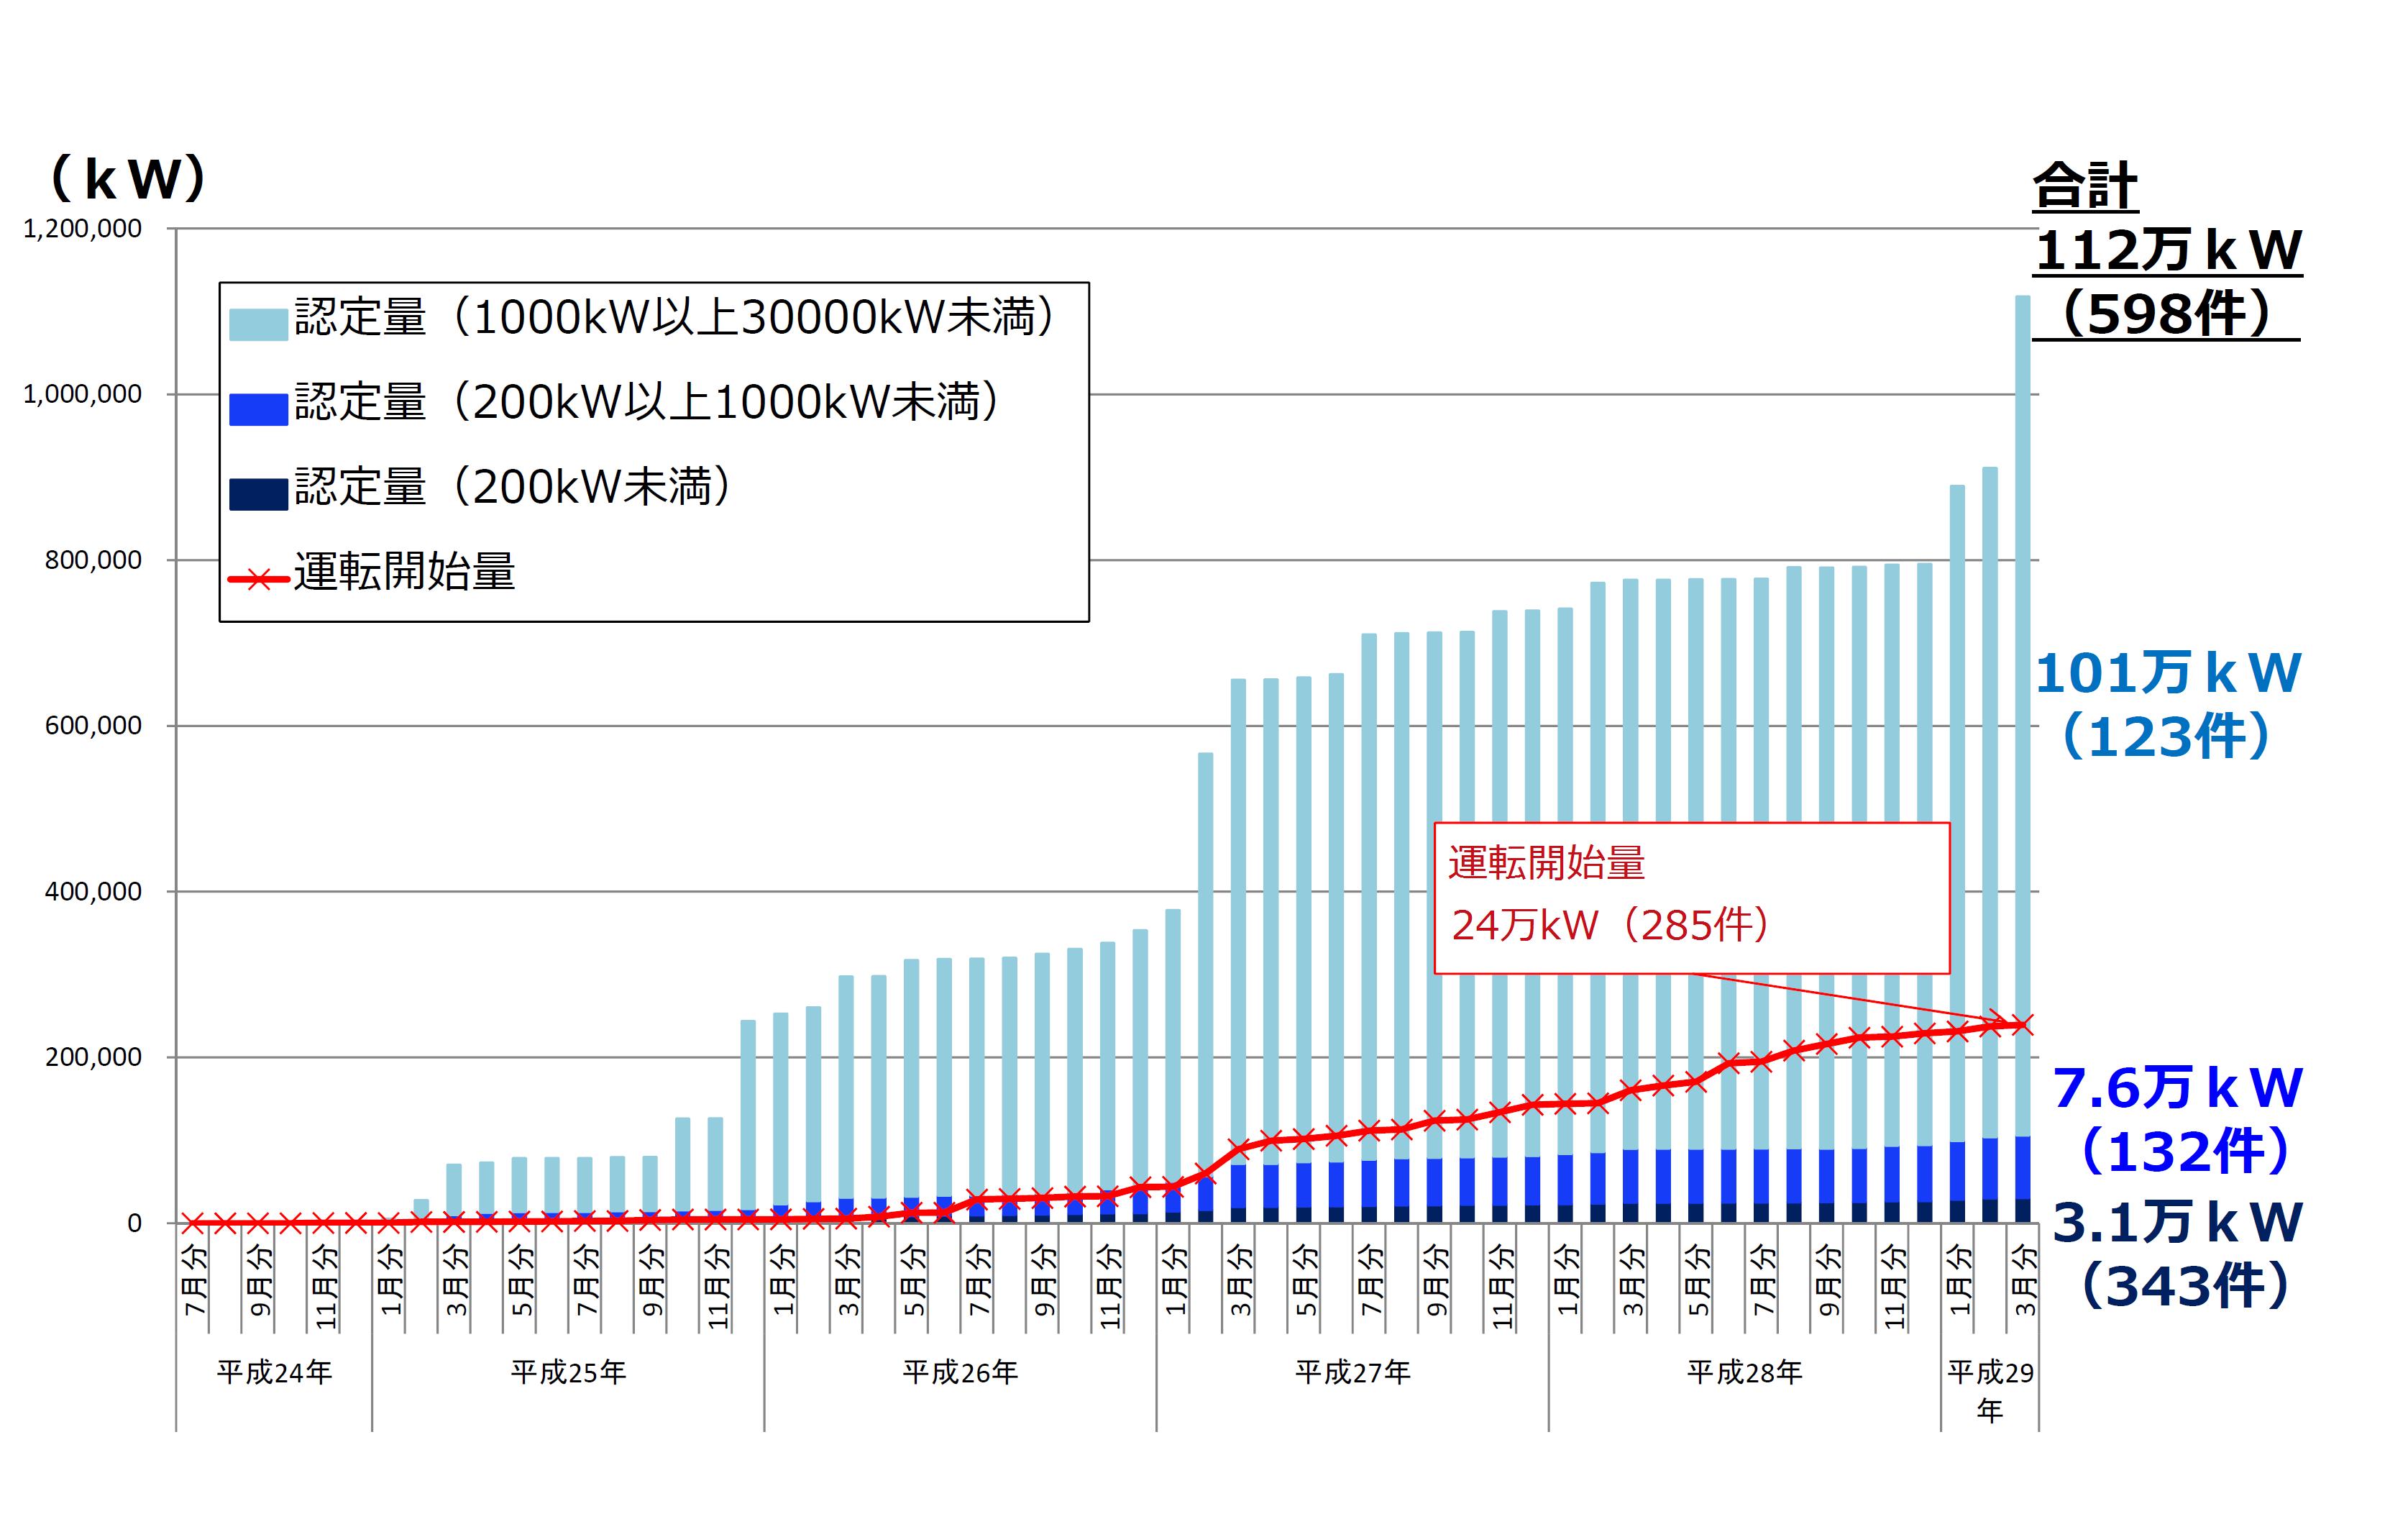 2017年3月までの水力発電の認定量の経緯を示したグラフです。